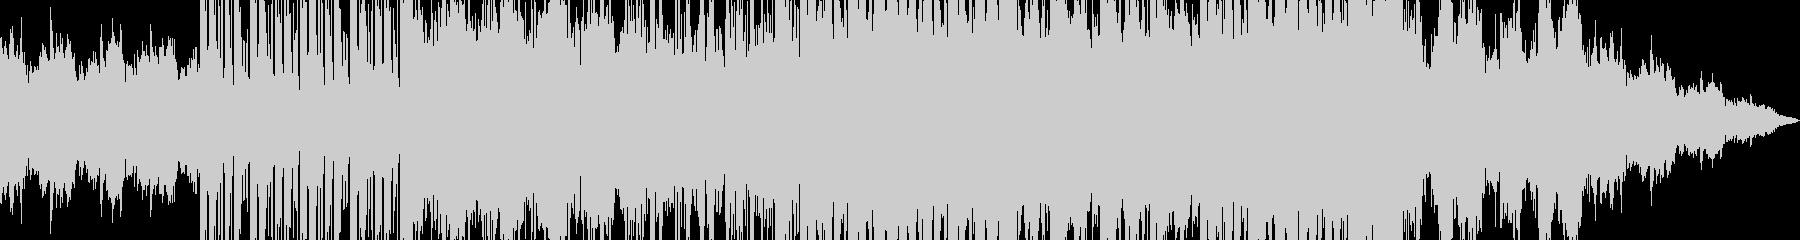 【シネマティック】アンビエントな空間の未再生の波形